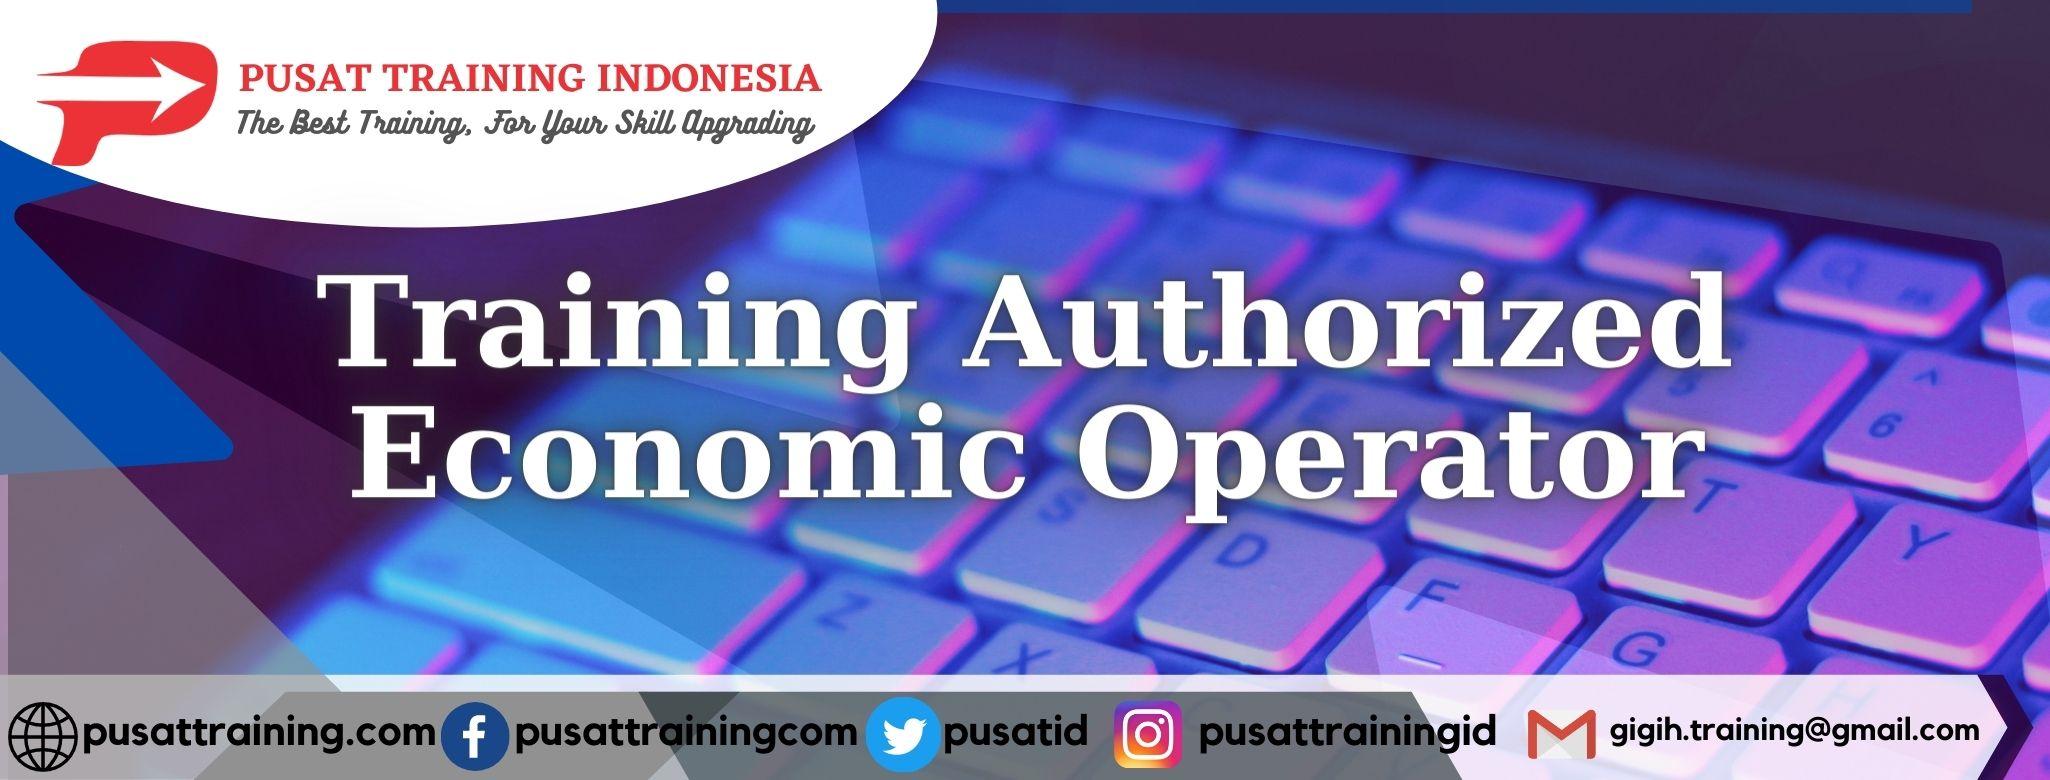 Training-Authorized-Economic-Operator